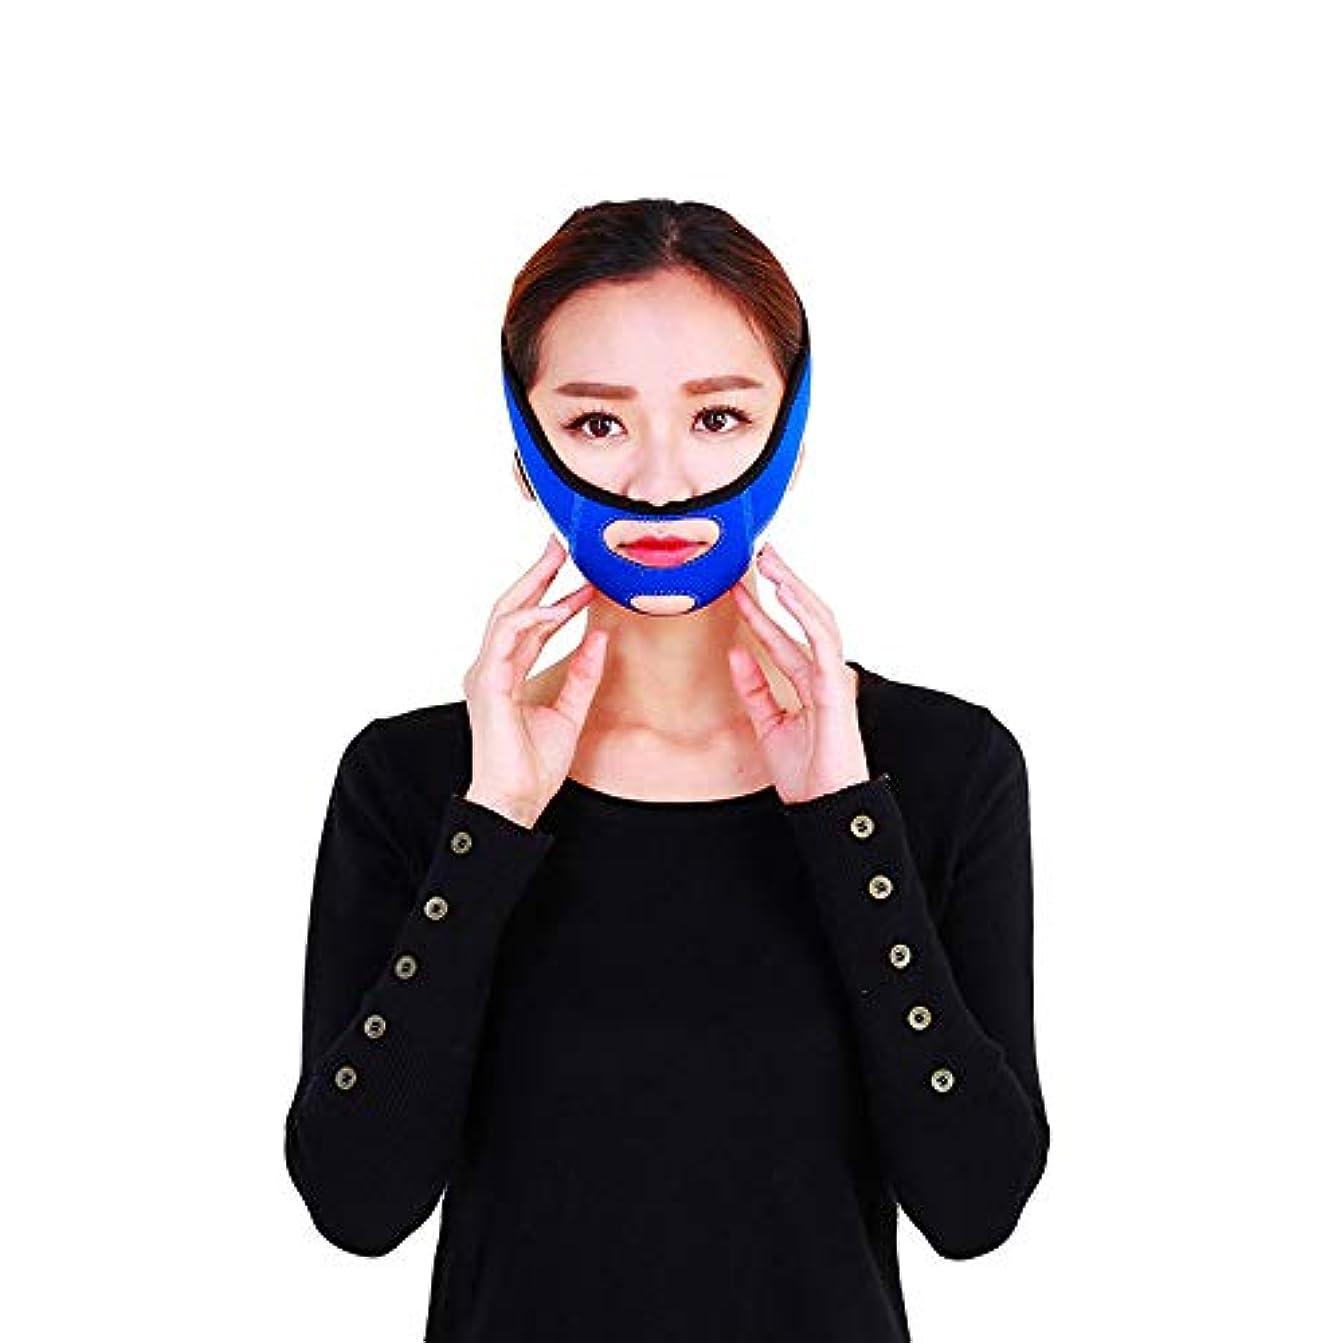 ピットリットル完璧XINGZHE フェイシャルリフティング痩身ベルトフェーススリム二重あごを取り除くアンチエイジングリンクルフェイス包帯マスク整形マスクが顔を引き締める フェイスリフティングベルト